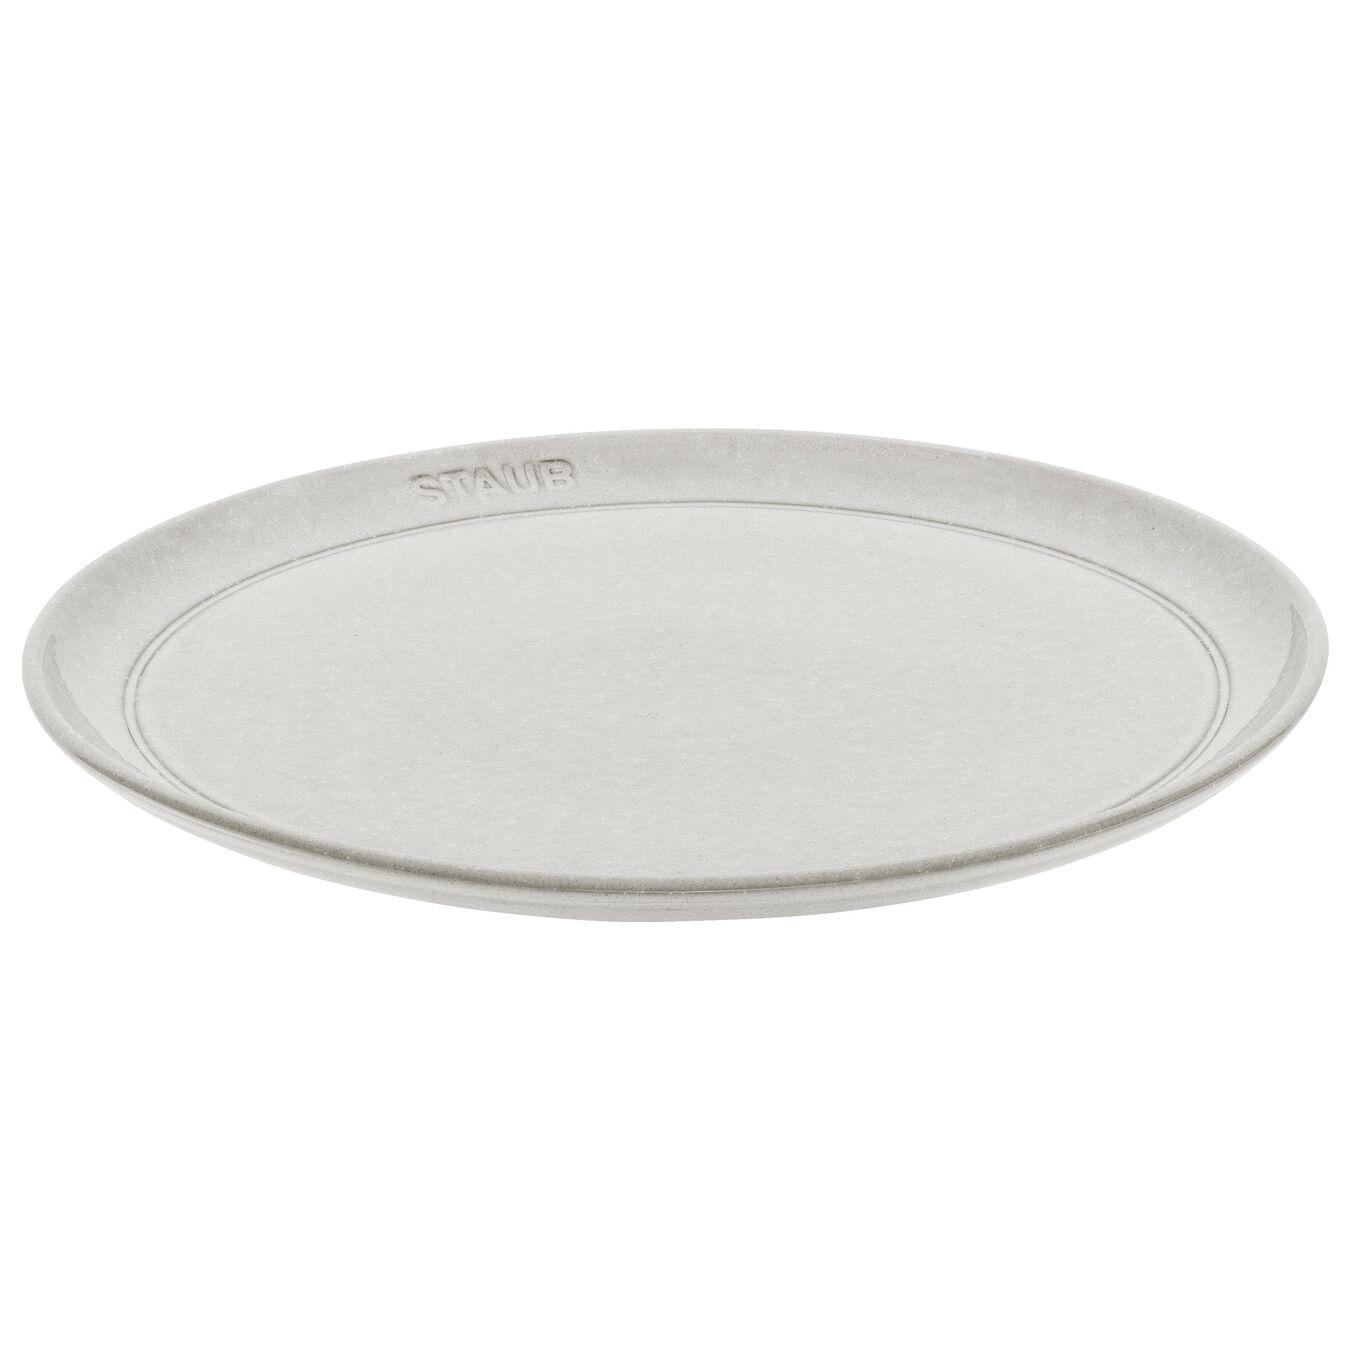 Assiette plat/plane 26 cm,,large 1